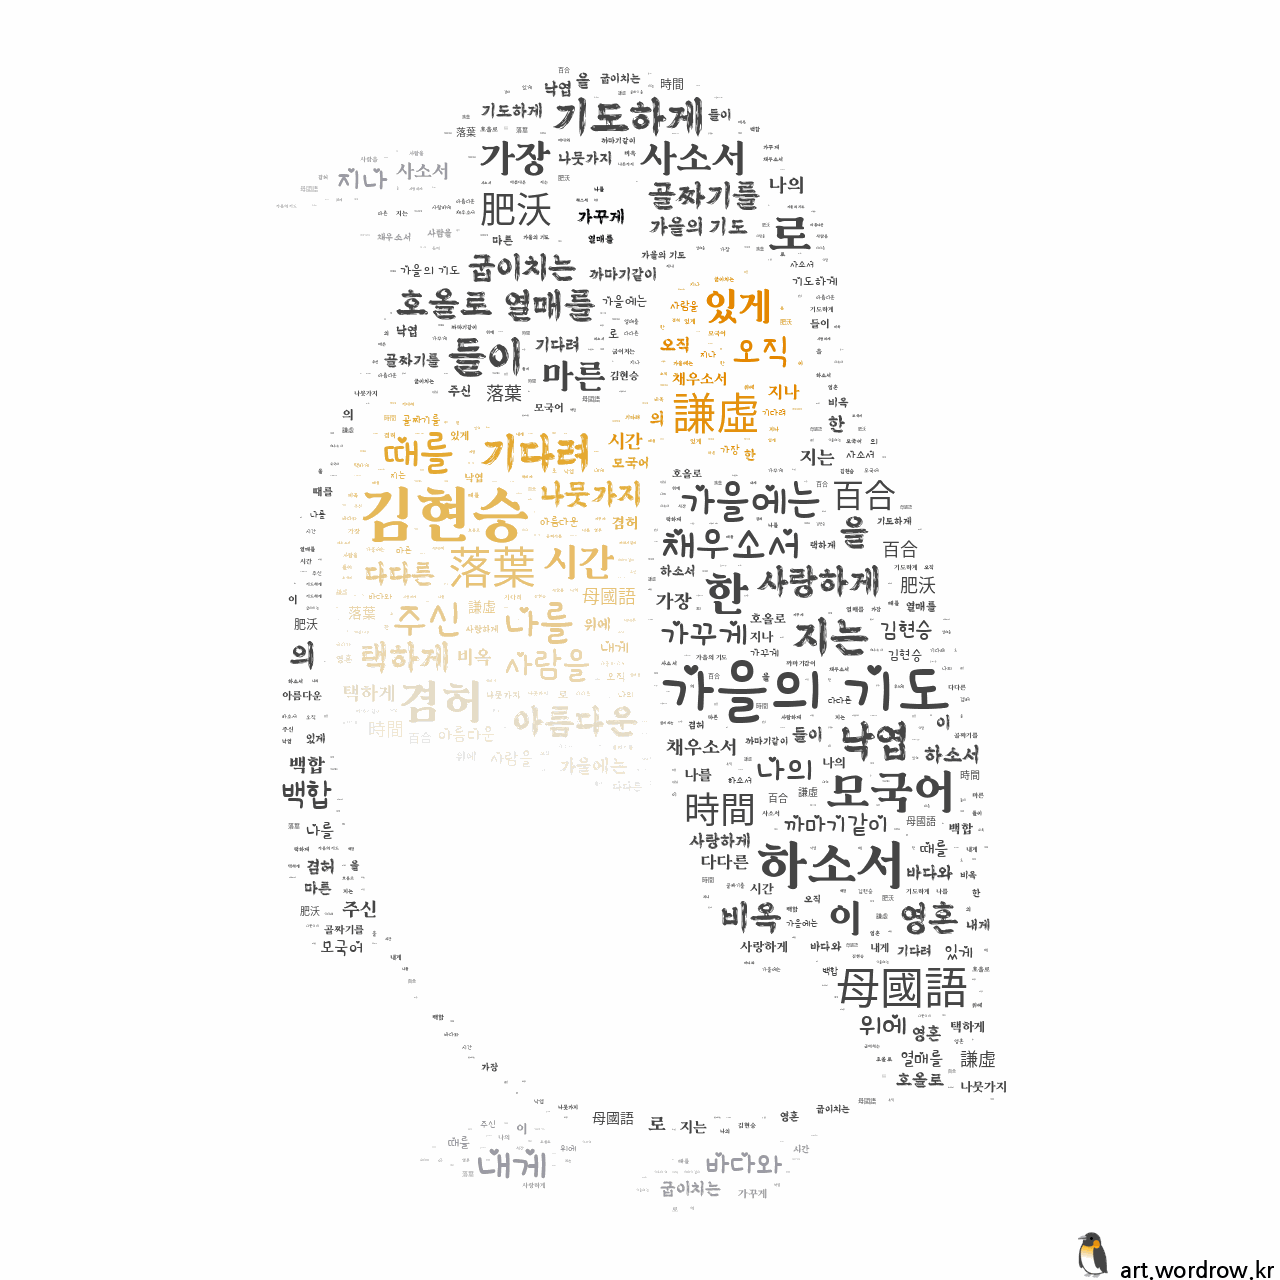 워드 클라우드: 가을의 기도 [김현승]-18